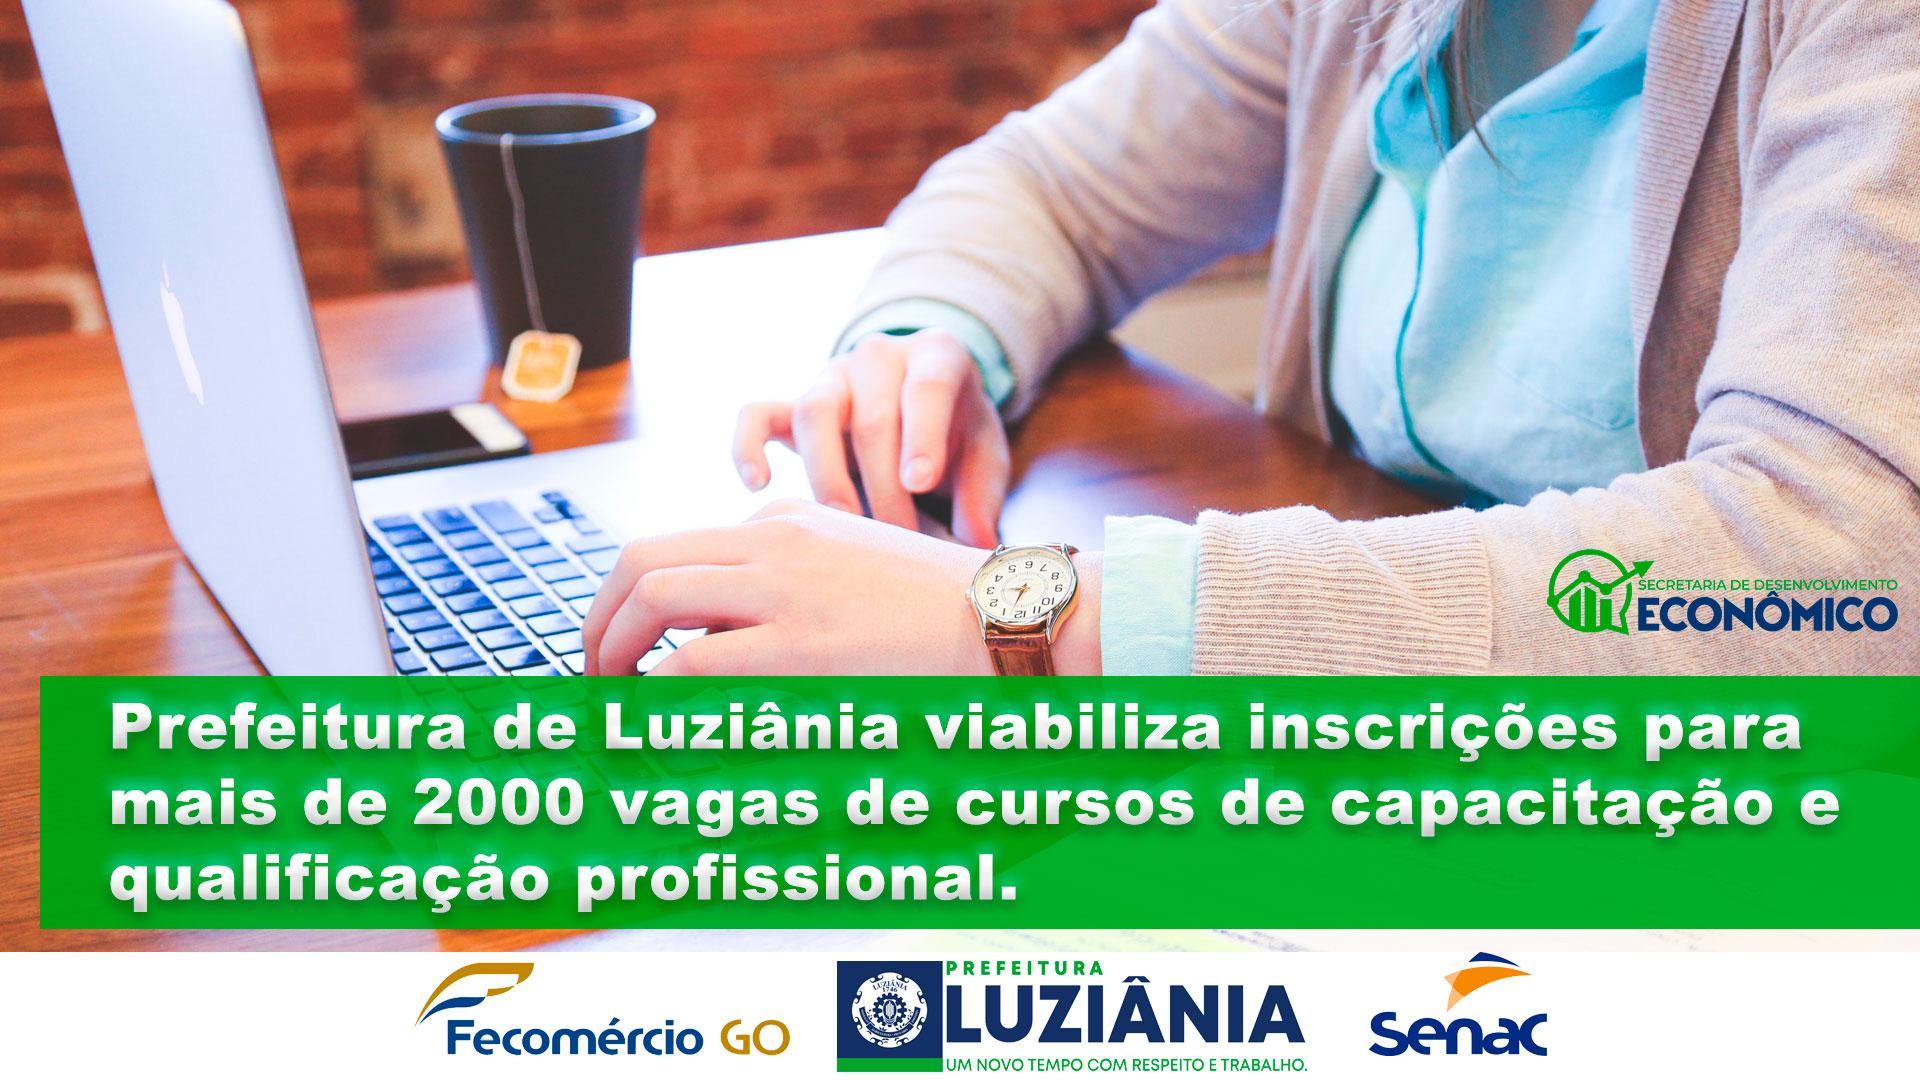 You are currently viewing Prefeitura de Luziânia viabiliza inscrições para 2000 vagas de cursos de capacitação e qualificação profissional.